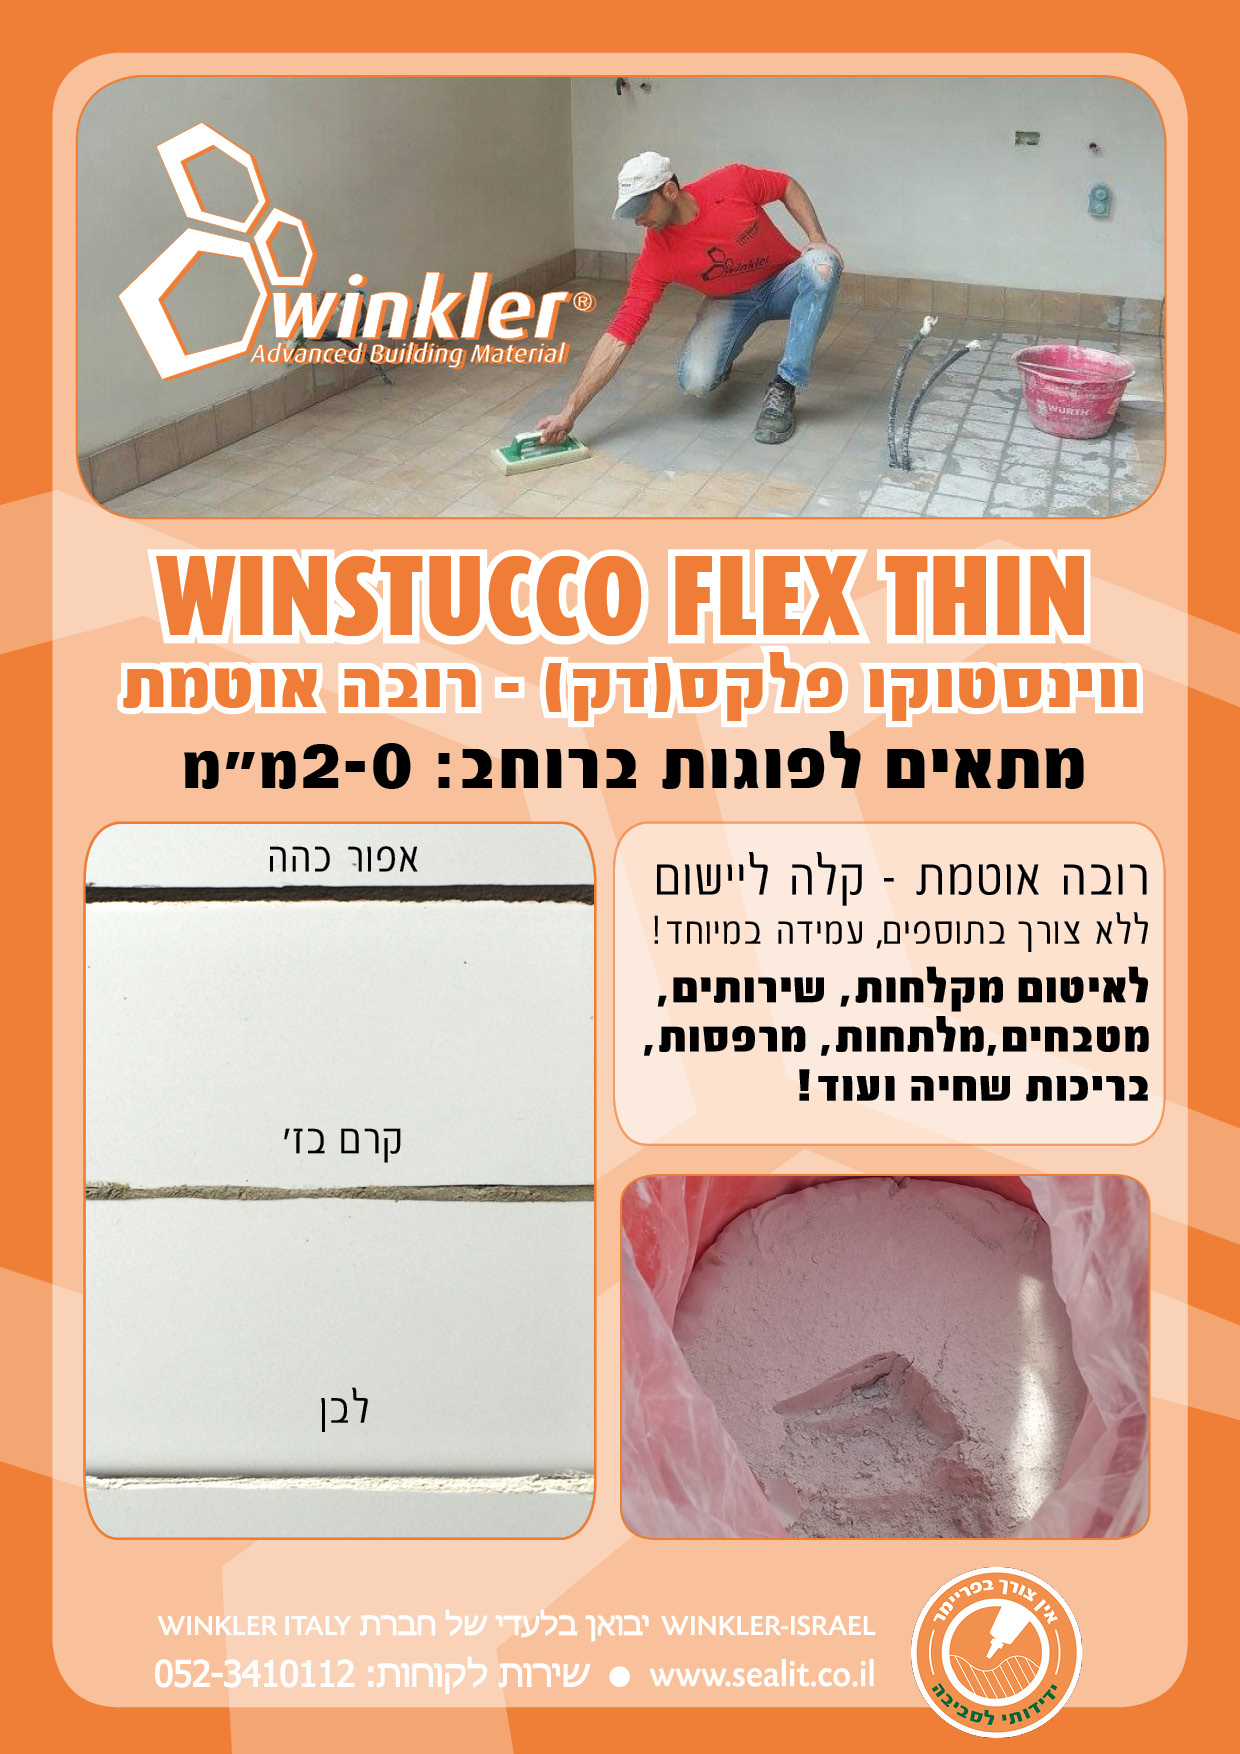 flyer-winstucco flex thin